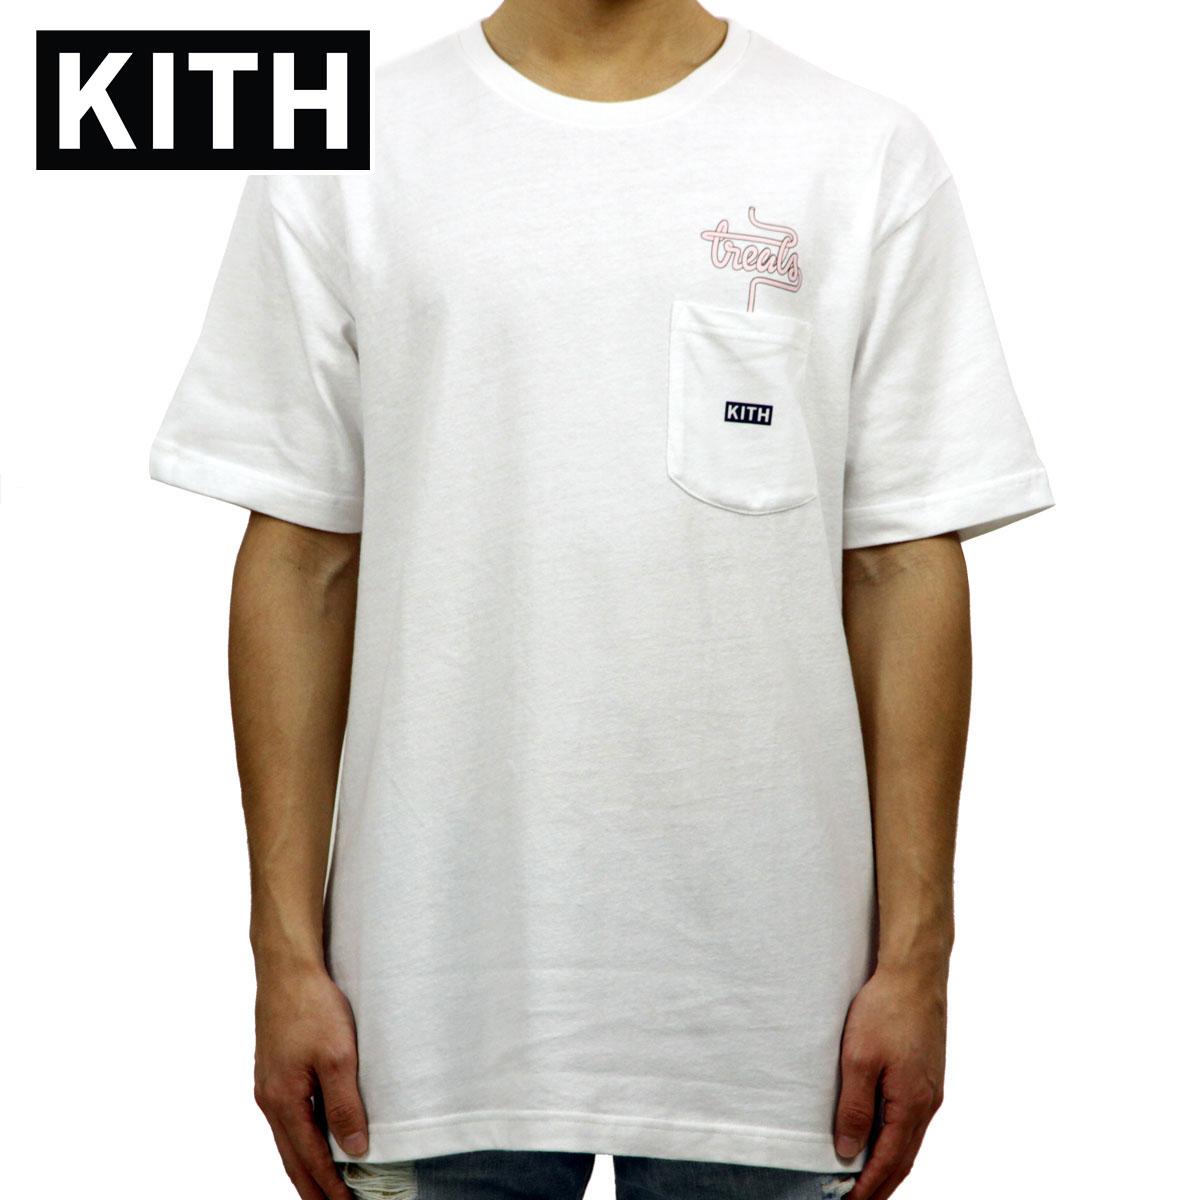 キス KITH 正規品 メンズ クルーネック 半袖ポケTシャツ KITH TREATS MILKSHAKE SPECIAL POCKET TEE KH3327-101 WHITE